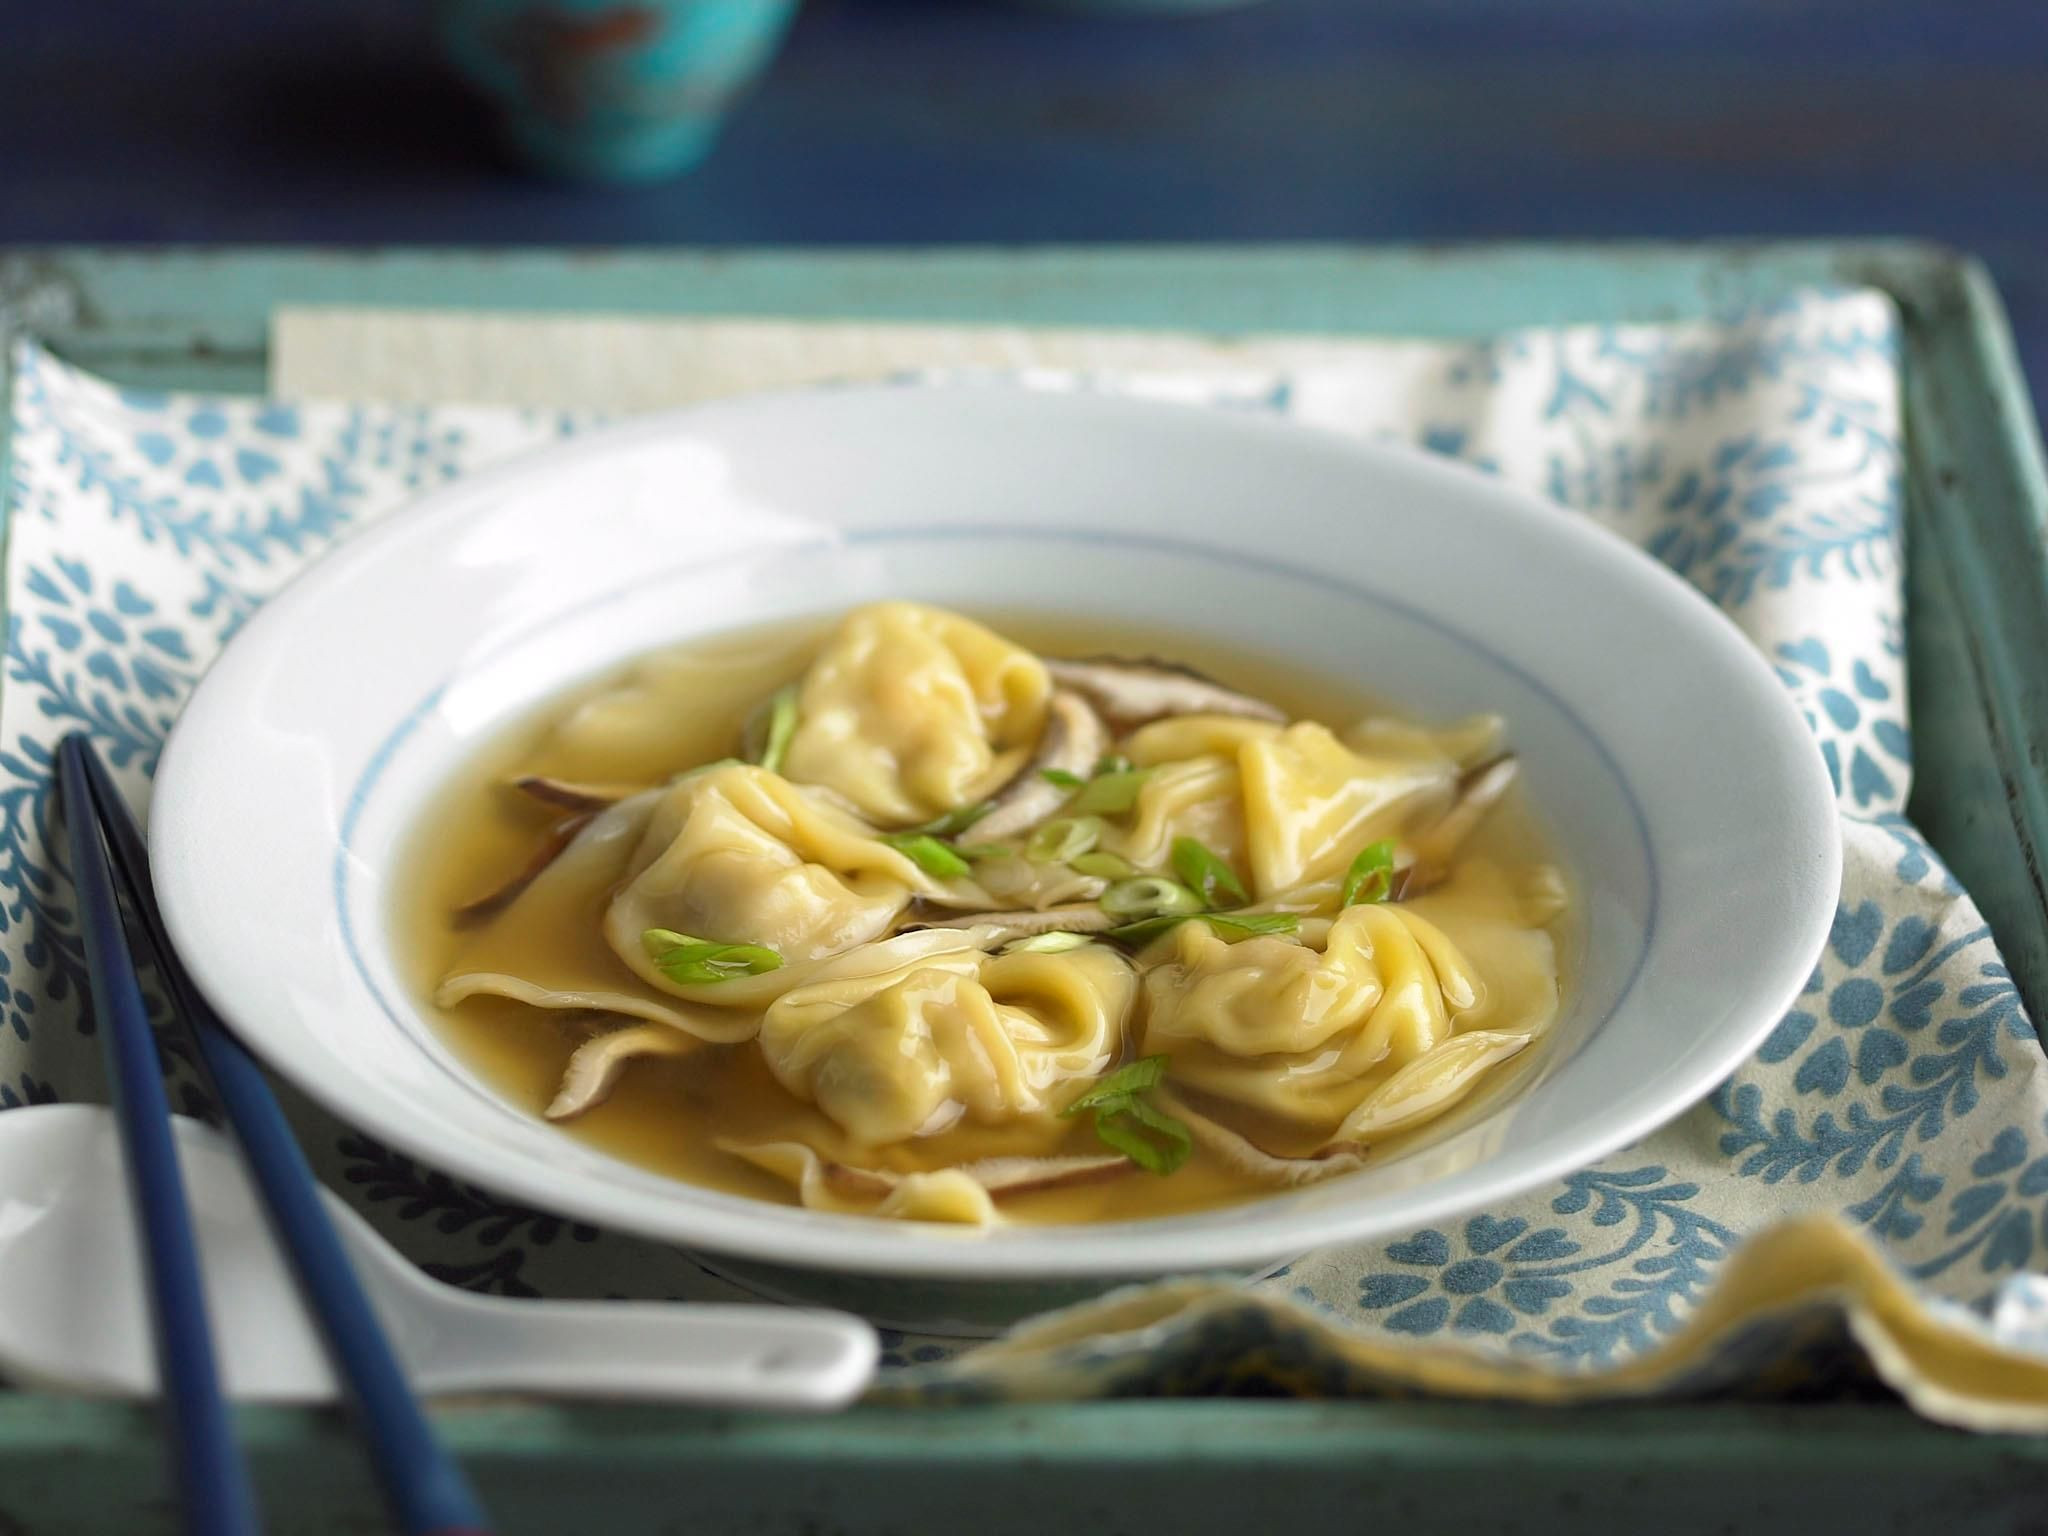 Vegetarian Chinese Dumplings Recipe  Prawn and pork dumplings in broth prawn recipe